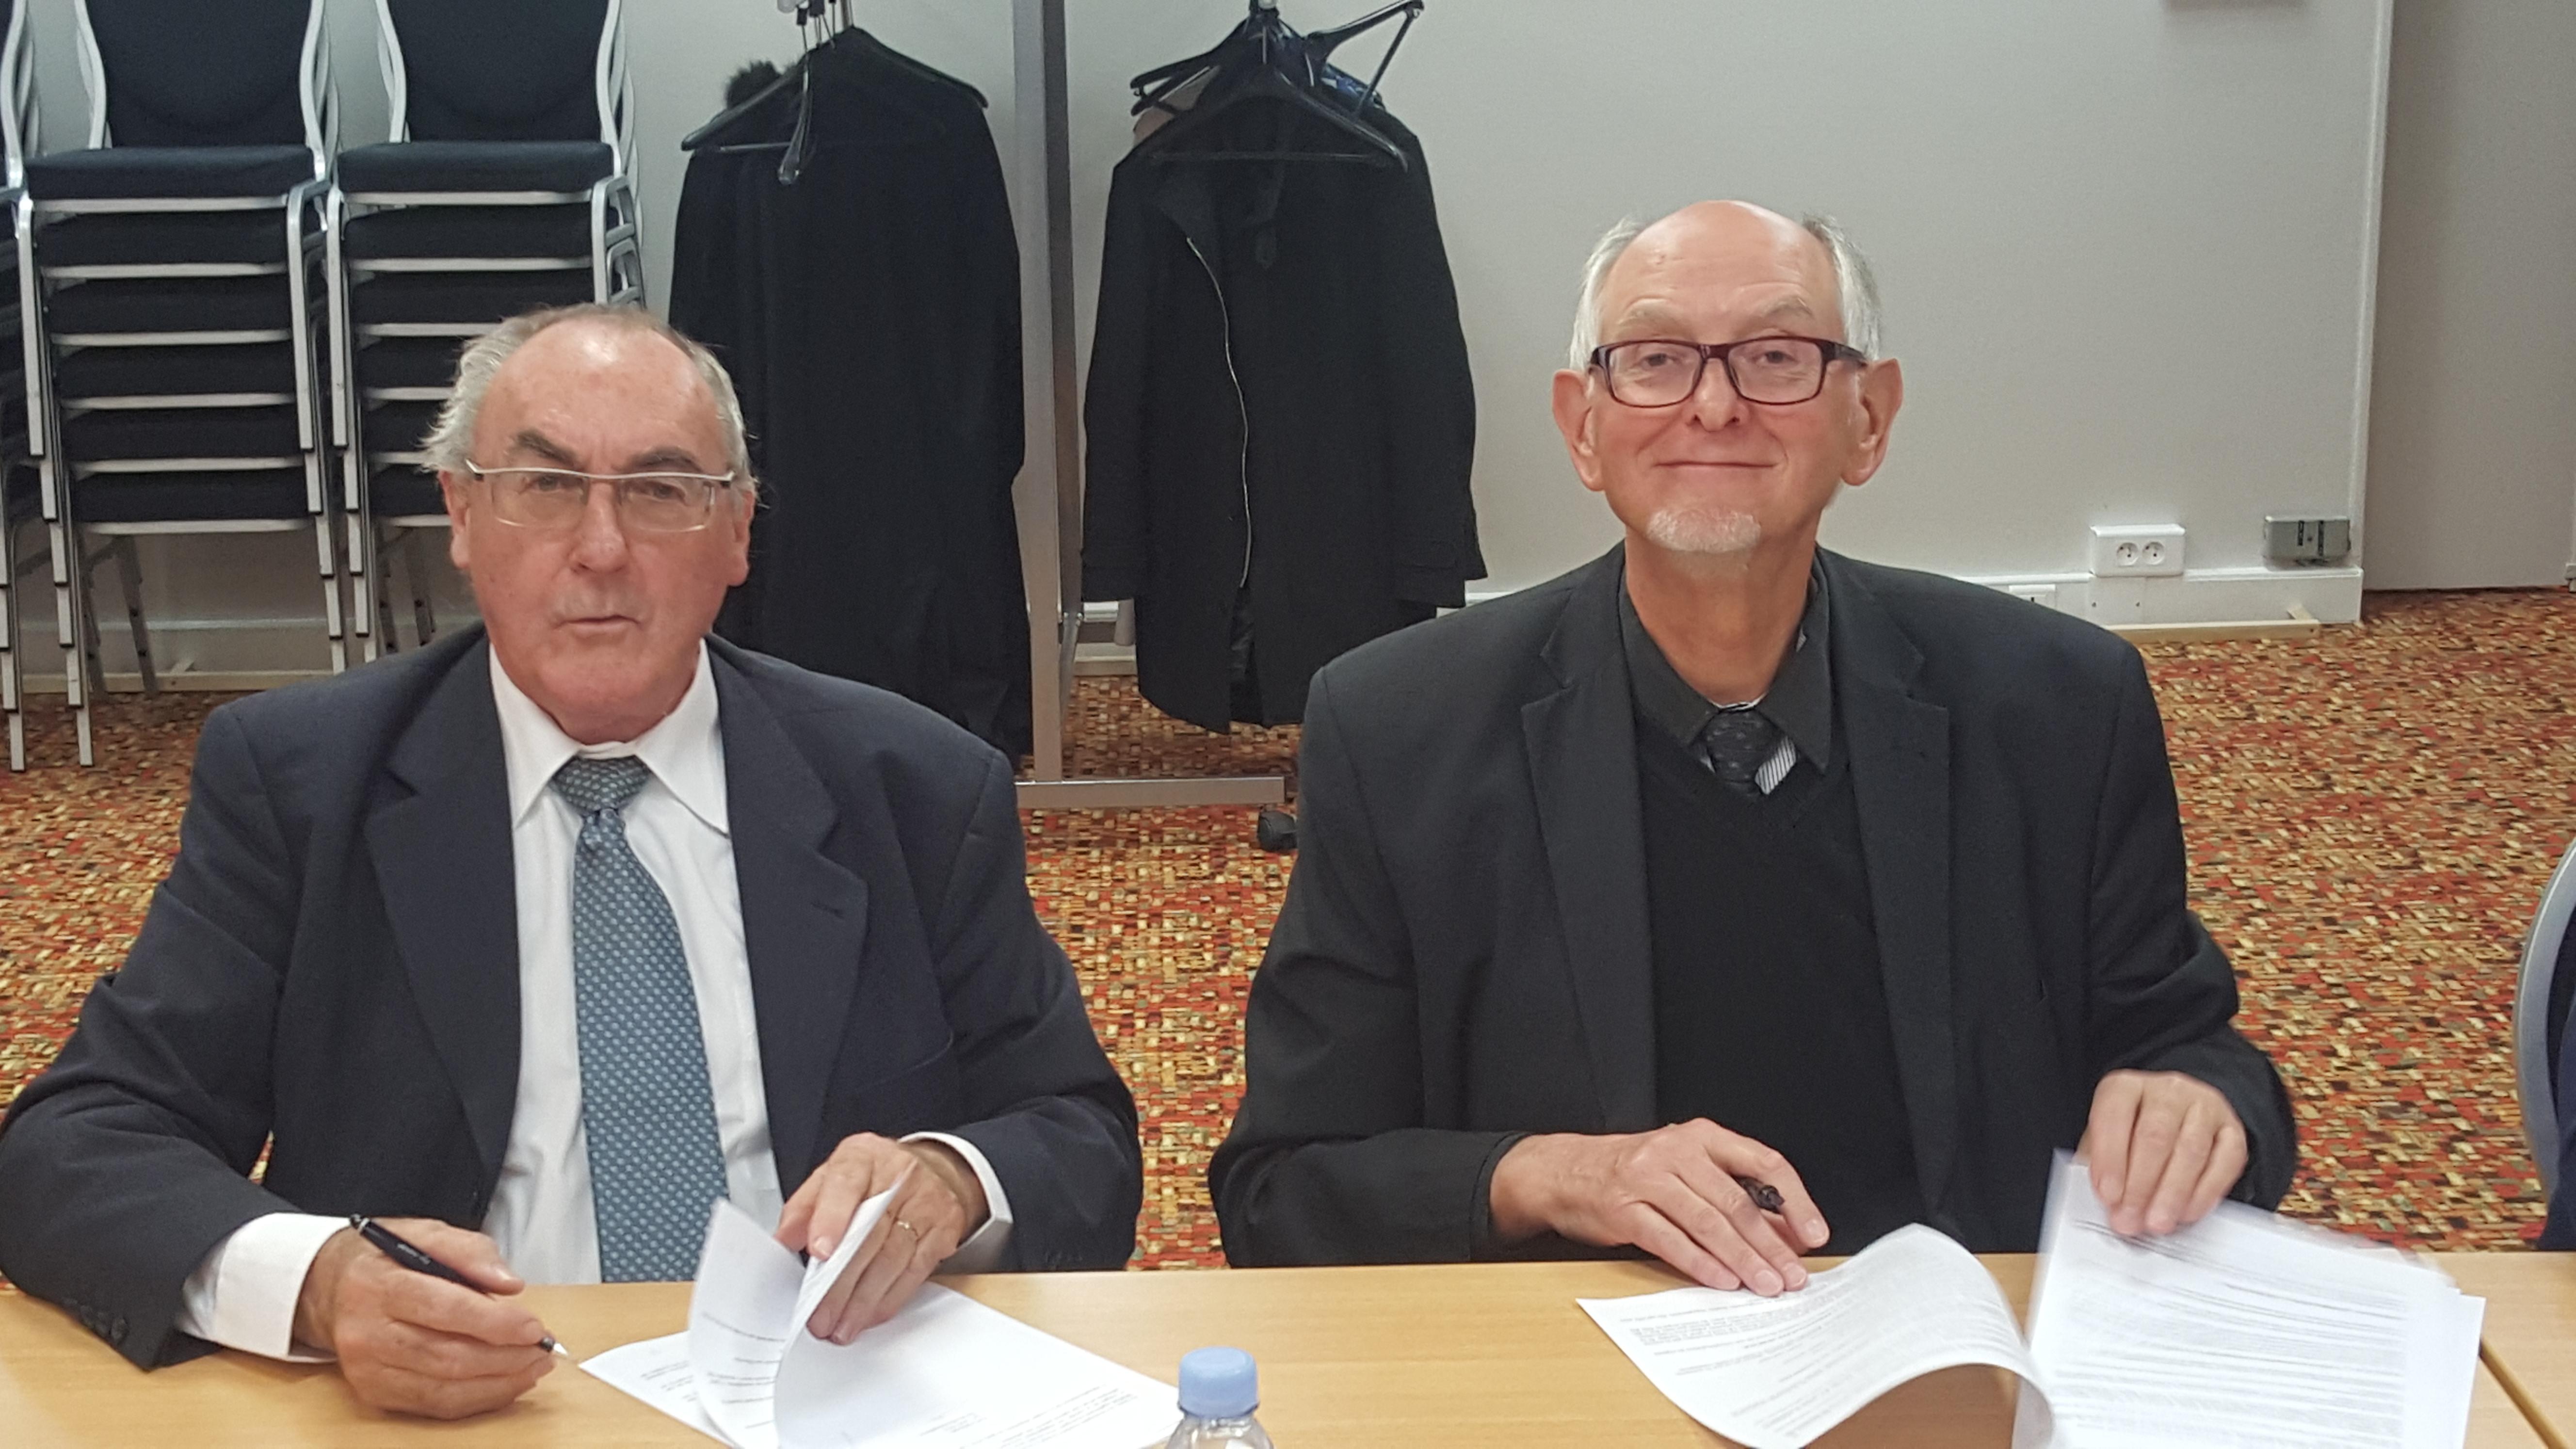 Roger LE GALL Louis Marie VEZIN - signature Statuts Maisons d'en France Bretagne 7 avril 2016 procivis